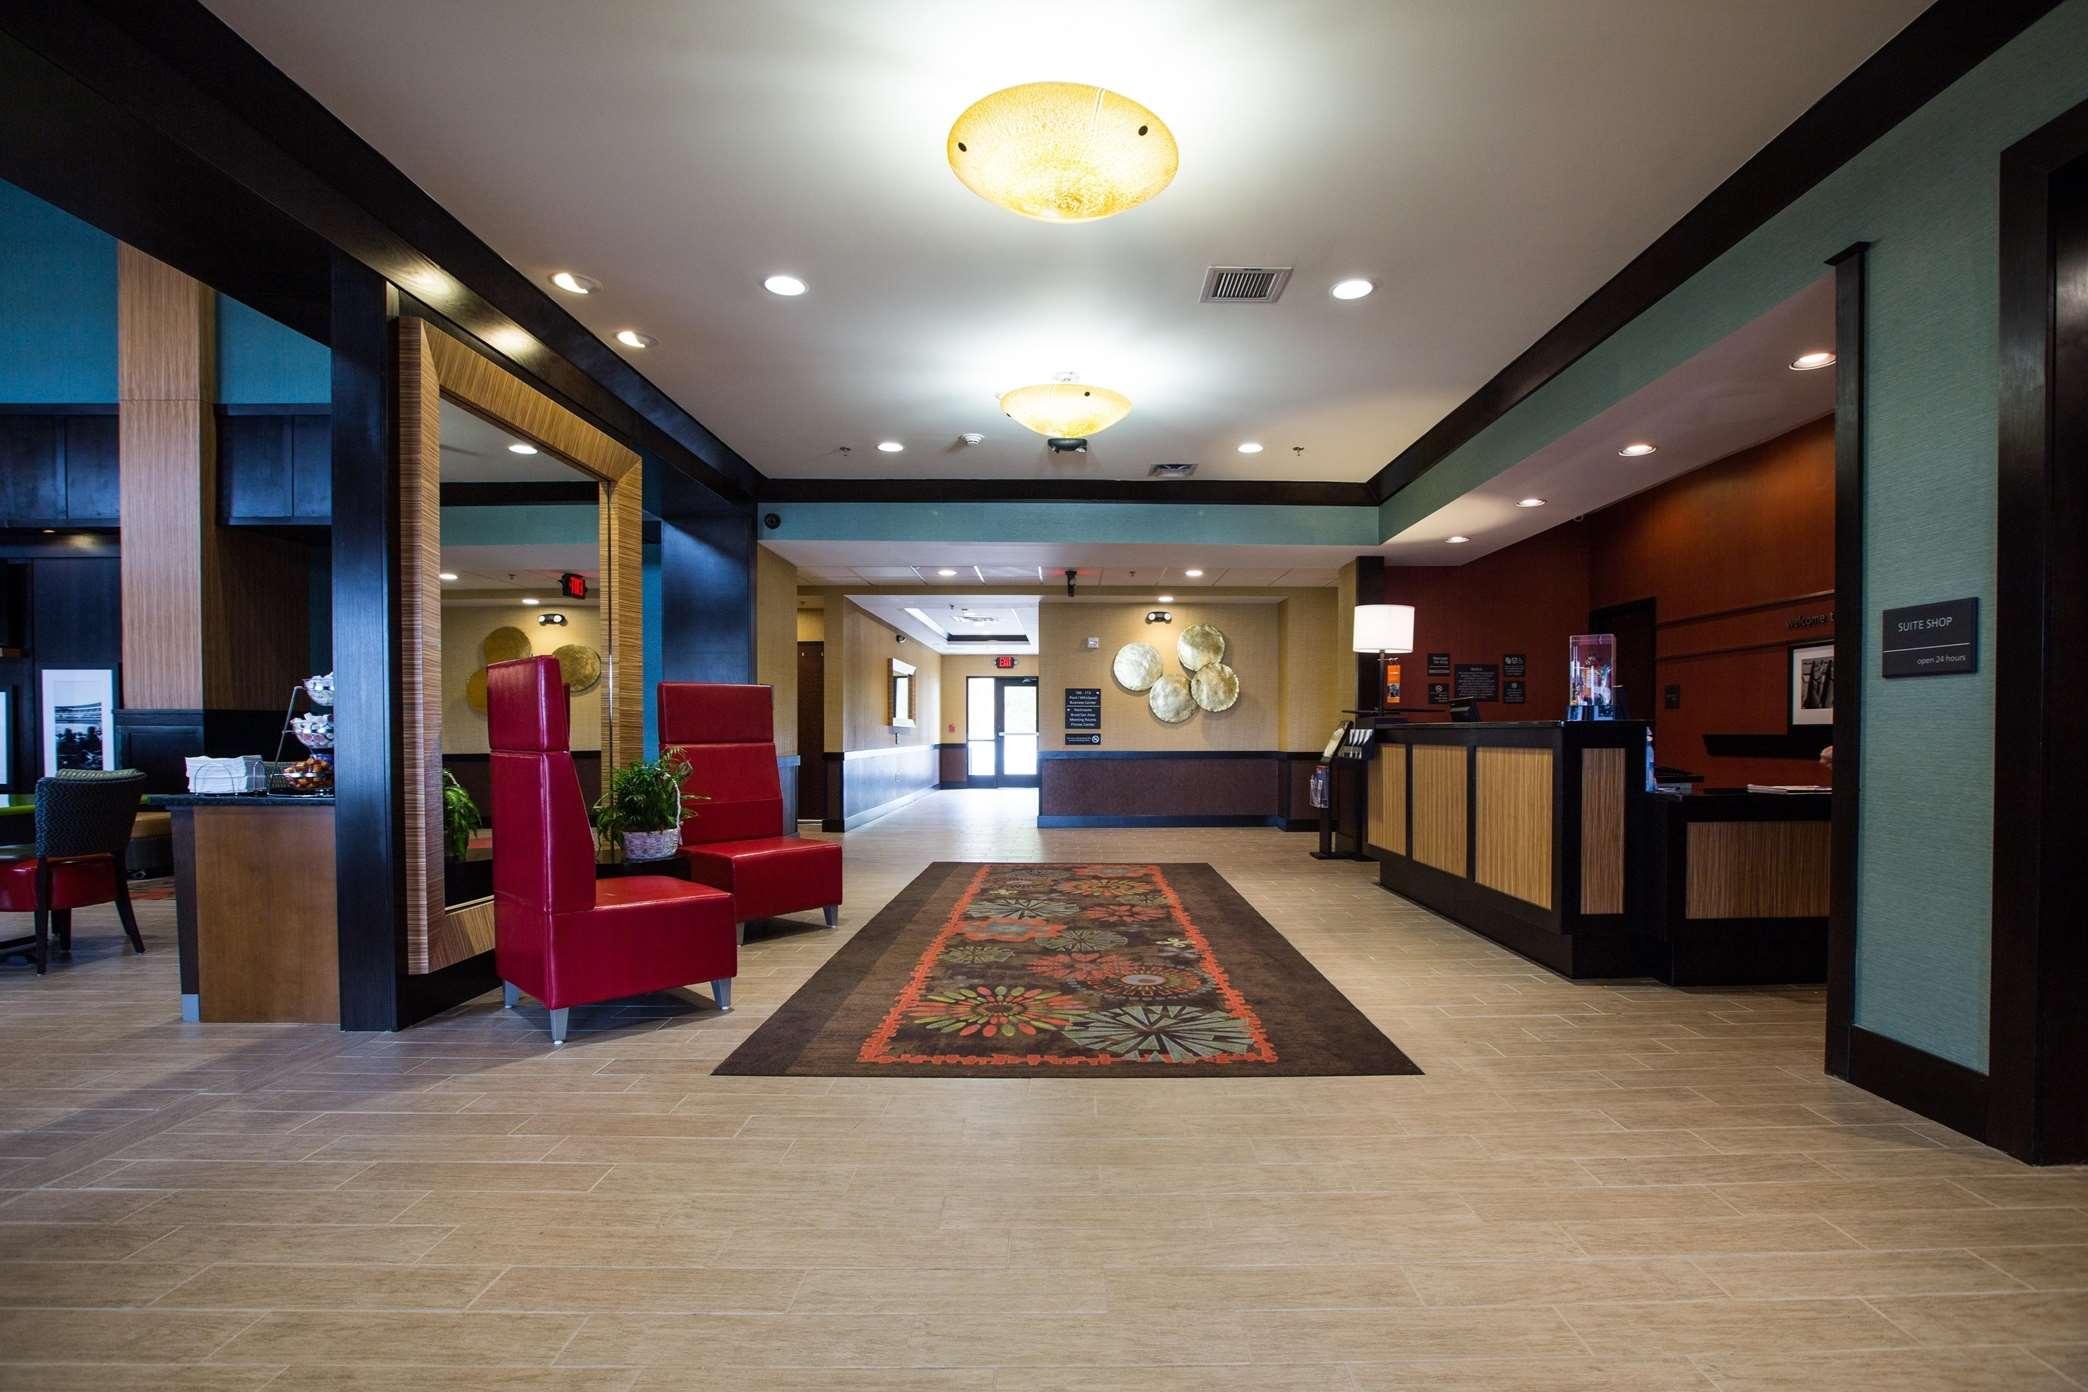 Hampton Inn & Suites Toledo/Westgate image 2